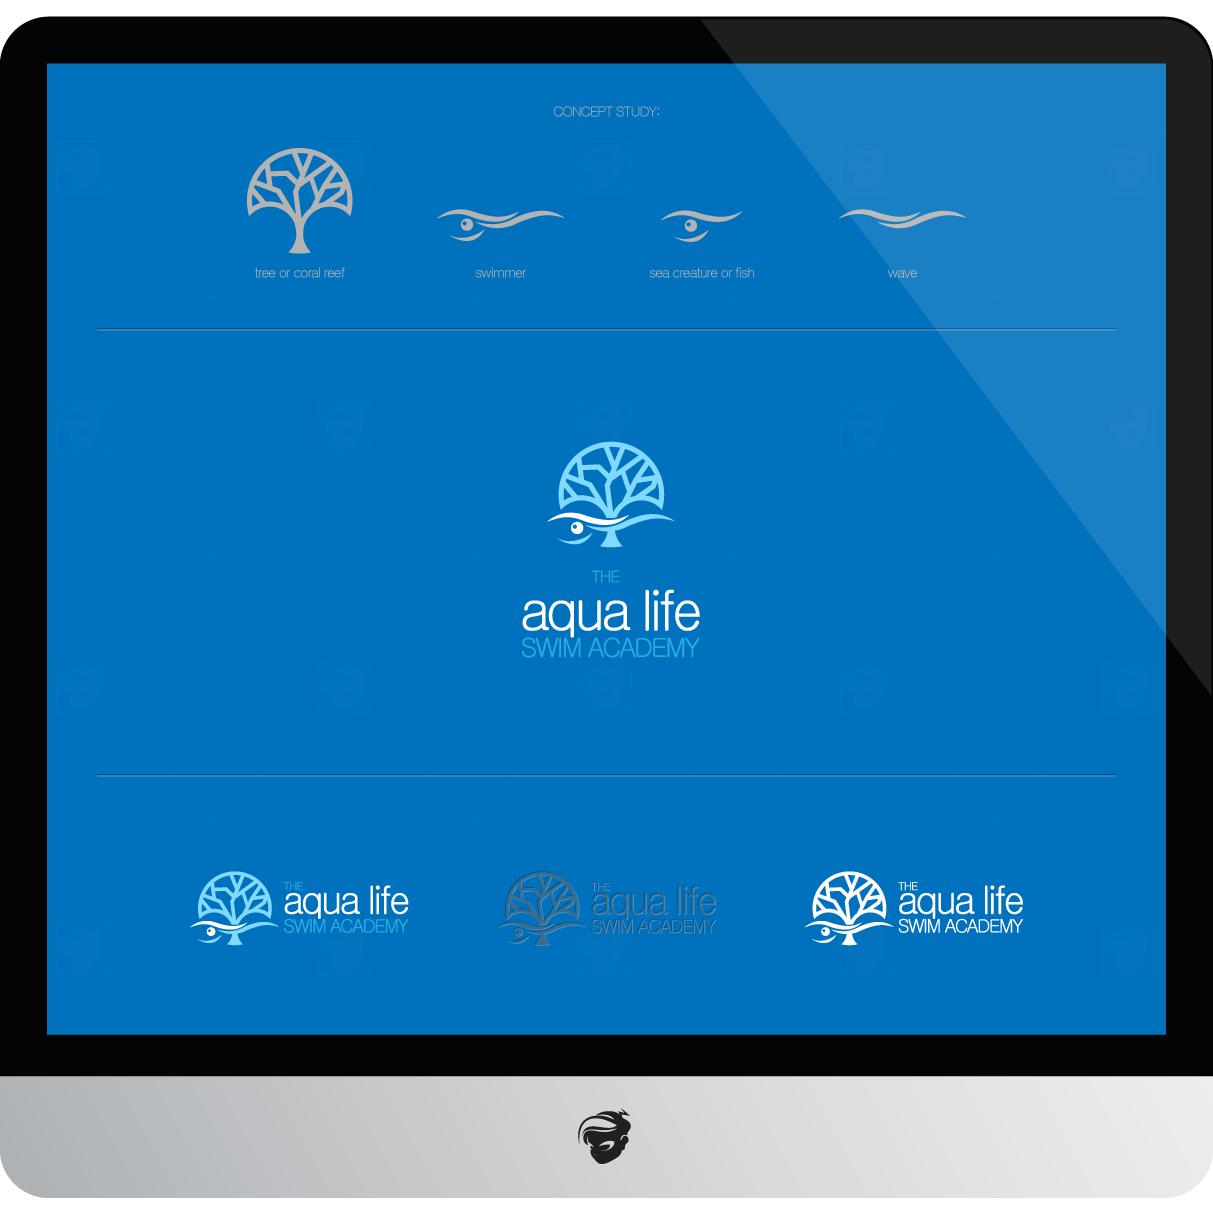 Logo Design by zesthar - Entry No. 105 in the Logo Design Contest Artistic Logo Design Wanted for The Aqua Life Swim Academy.